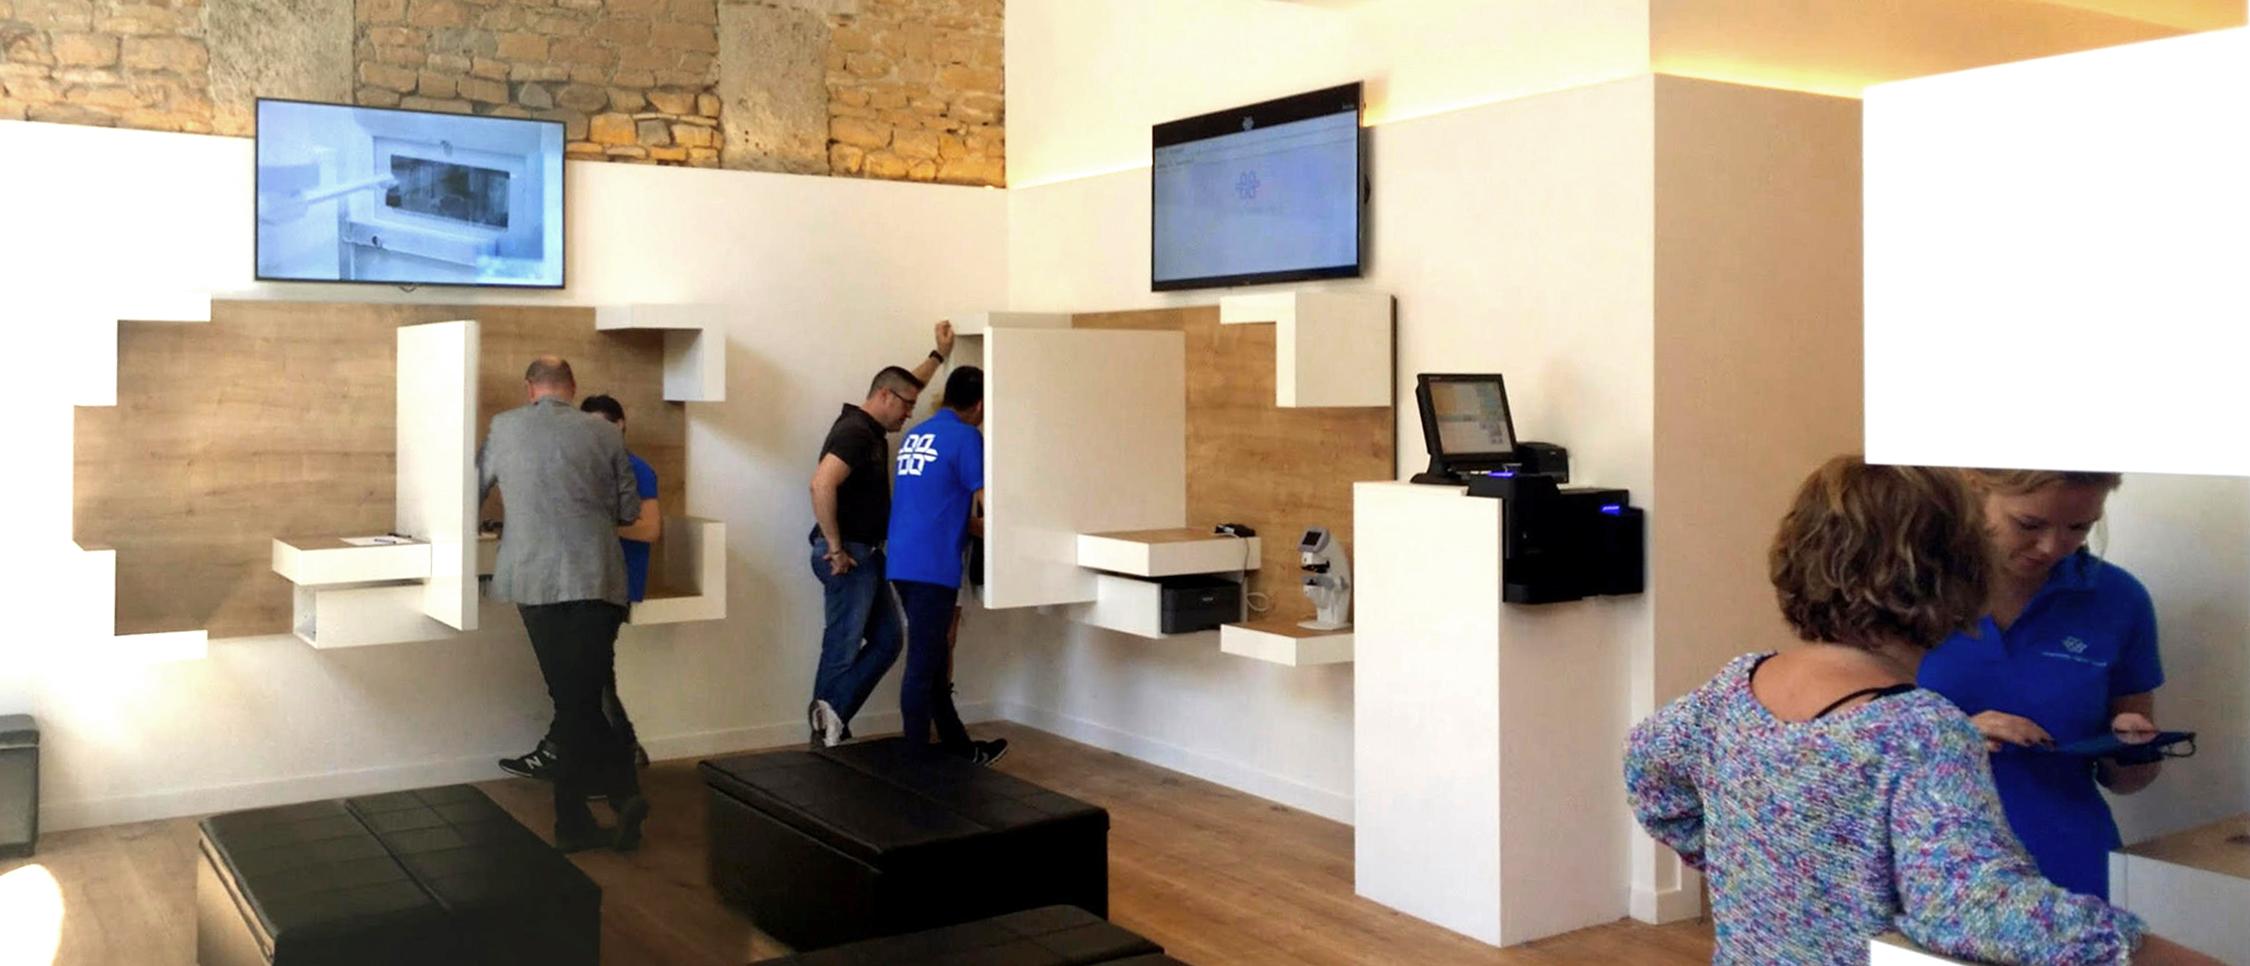 lunettes_pour_tous_interieur boutique lyon ar studio d'architectures (5).jpg